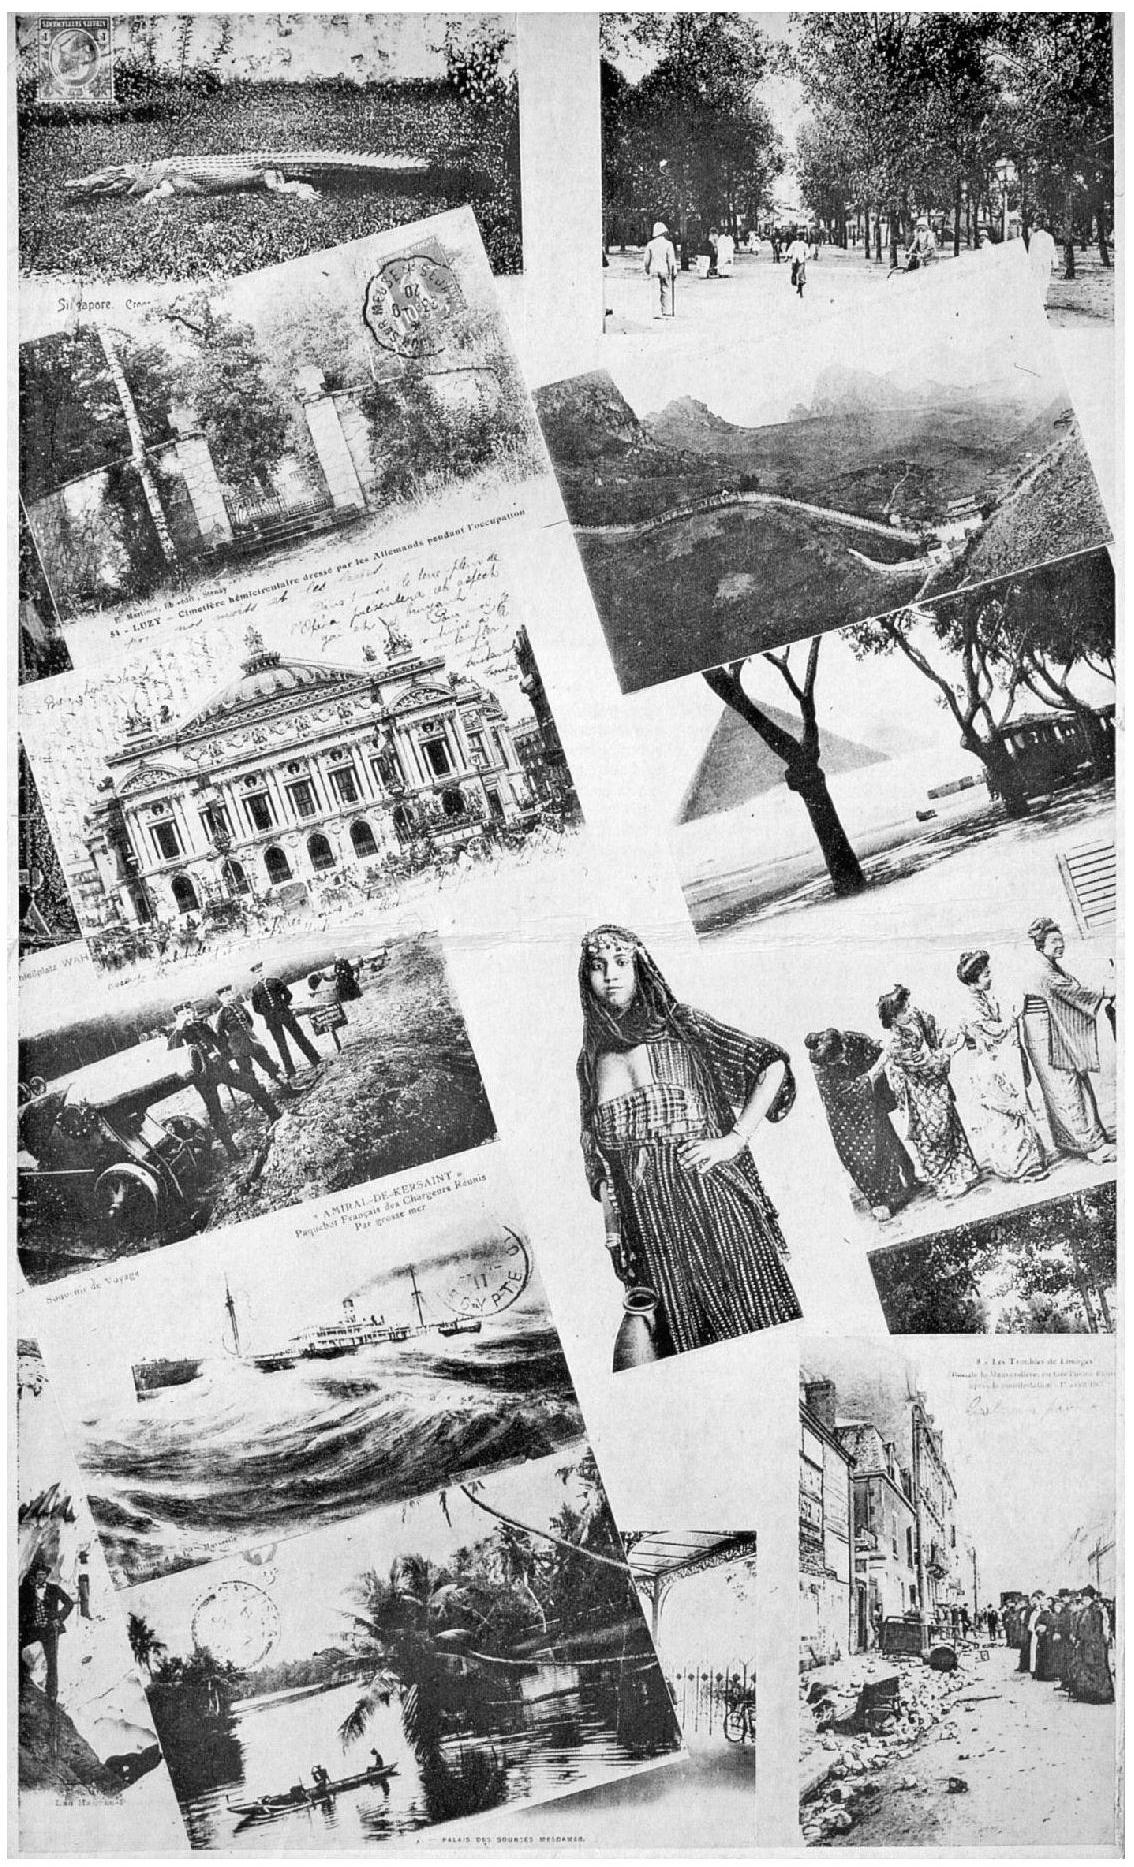 dc8f33d8a4ca8 Claude Simon moments photographiques - Descriptions de photographies ...